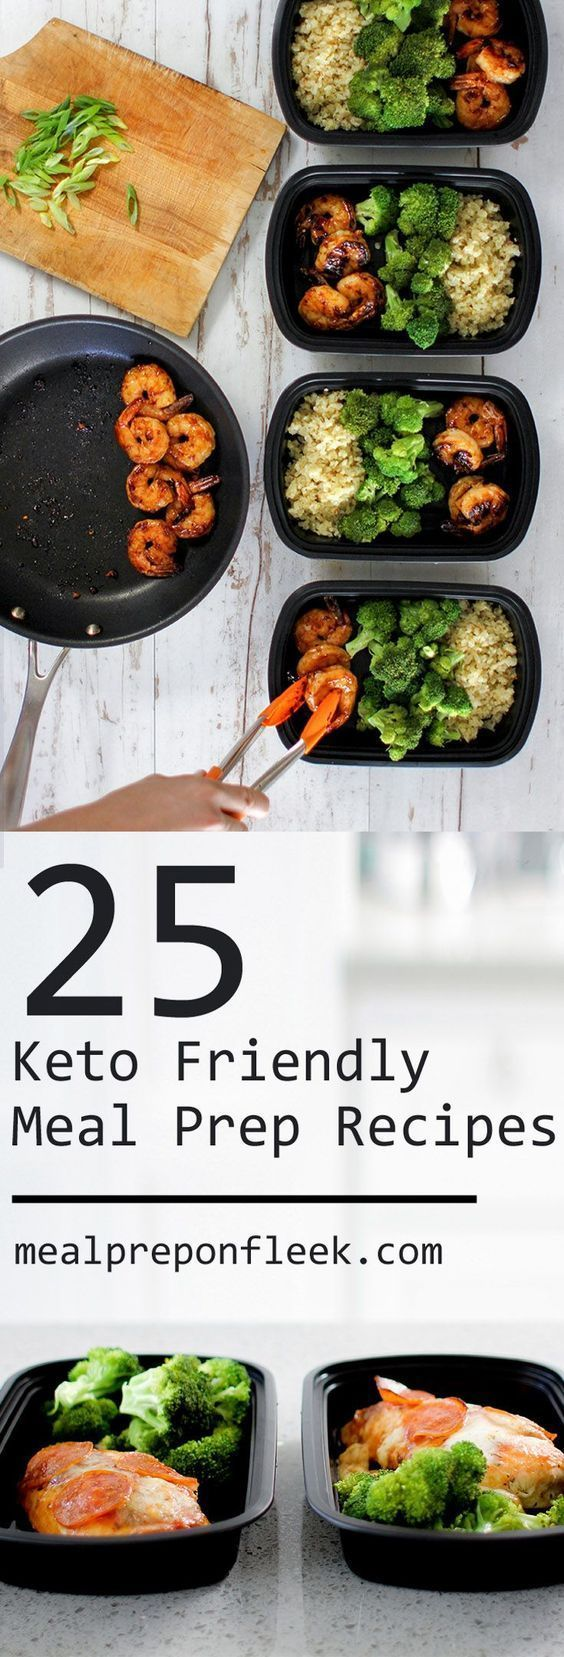 25 Delicious Keto Diet Recipes: high fat, low carb keto diet. Keto meal prep recipes. Keto breakfast recipes, keto lunch recipes, and keto dinner recipes. #keto #ketogencic #ketorecipes #PaleoDietingTipsandAdvice